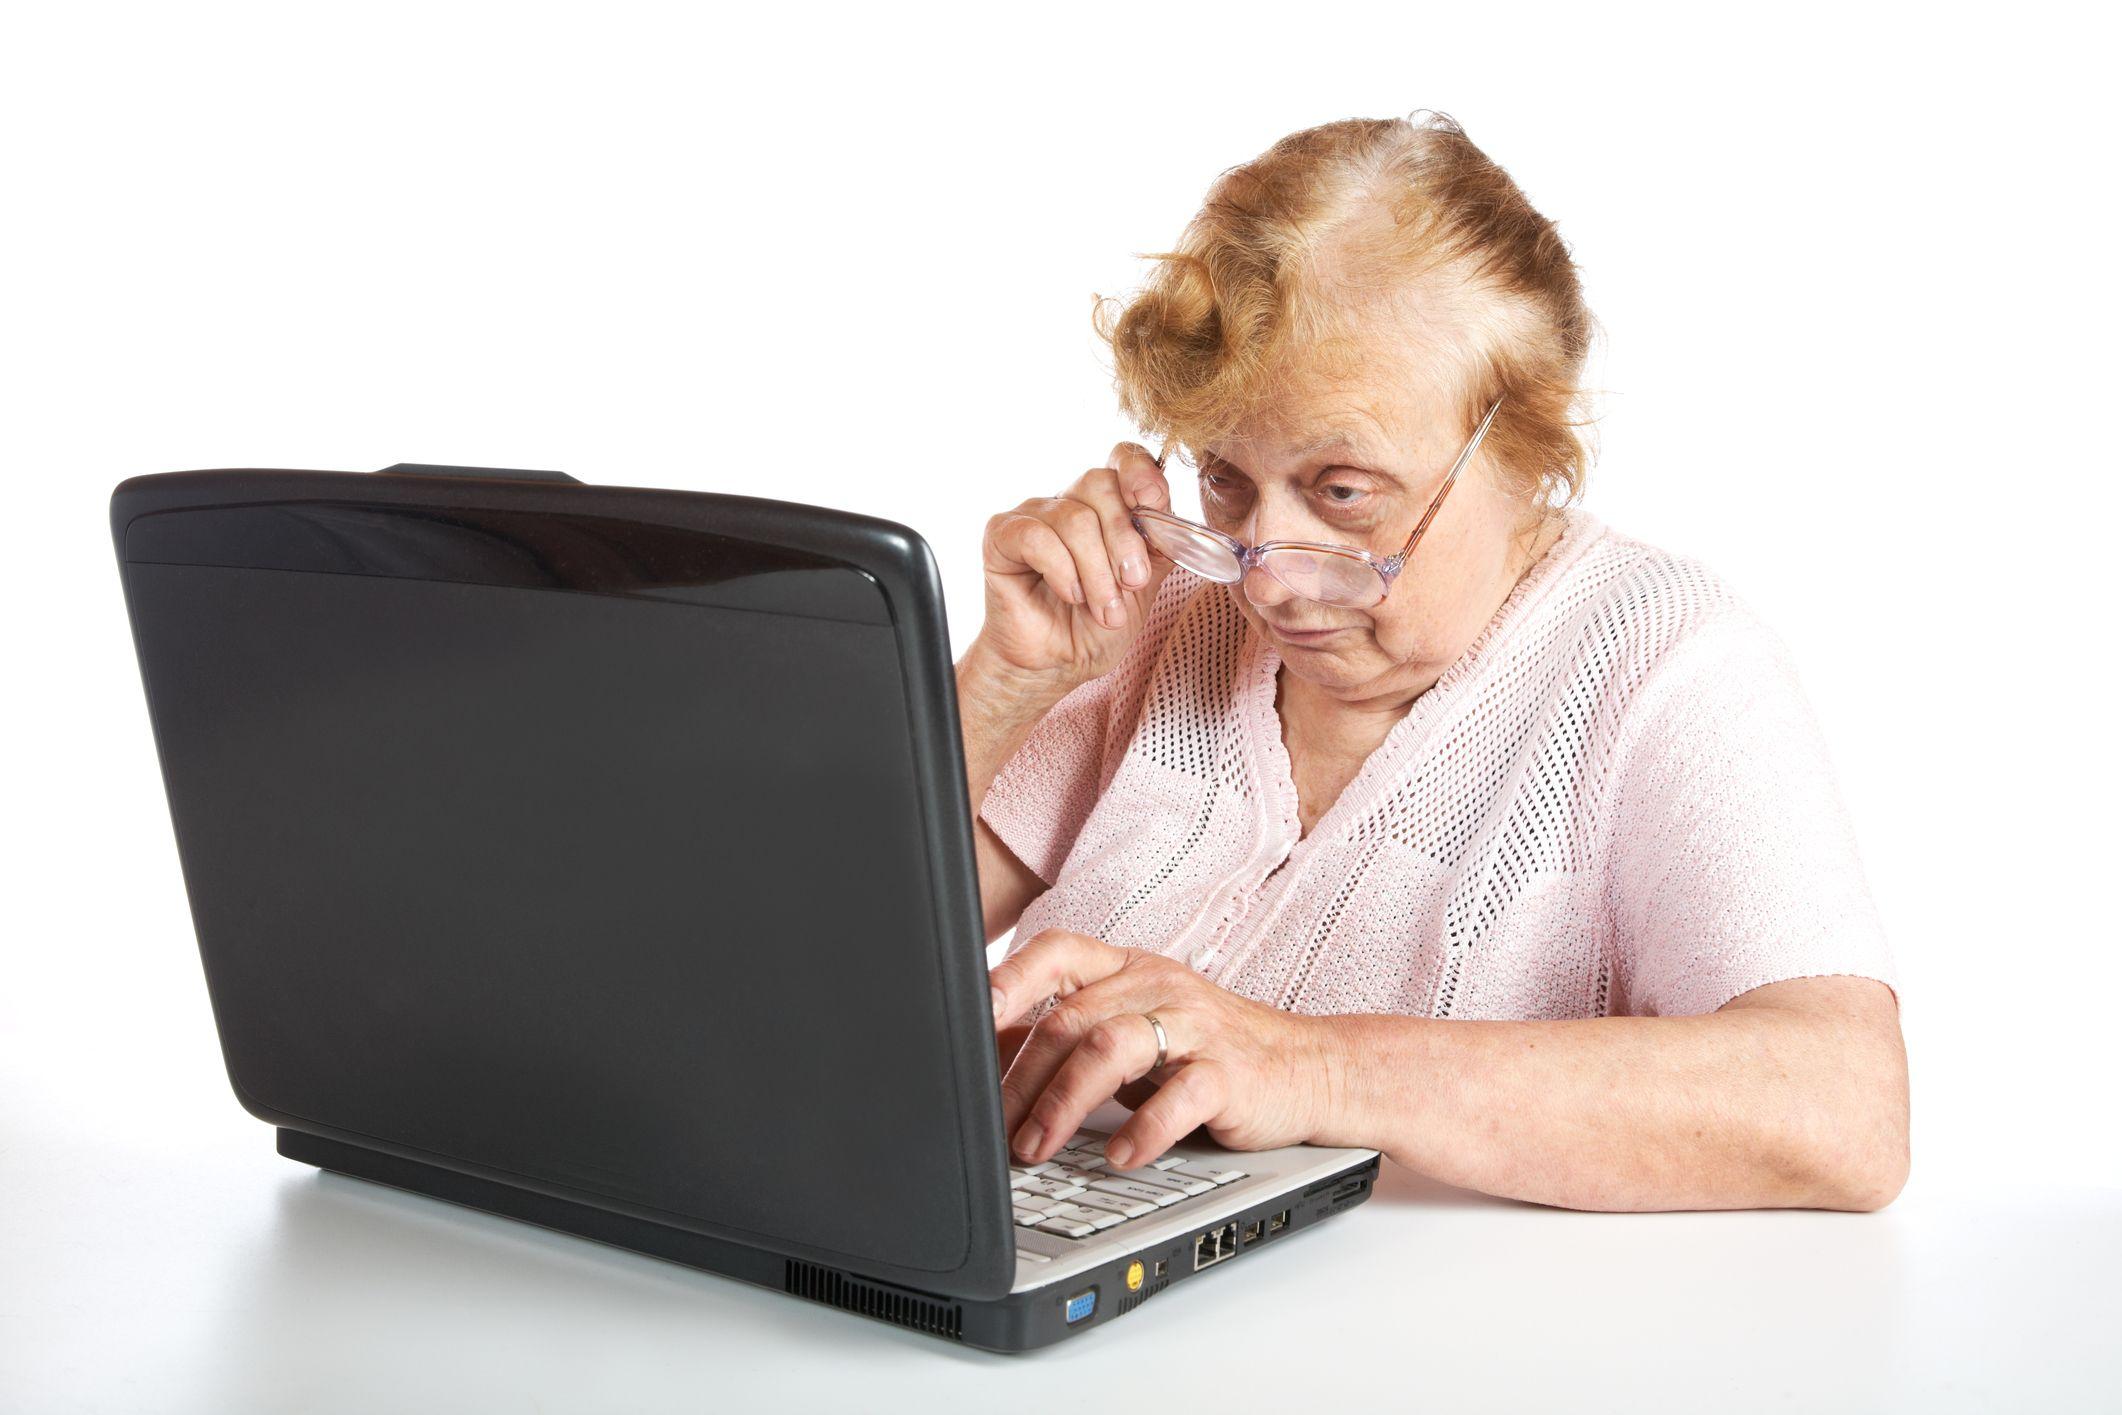 Doradca emerytalny doradzi kiedy warto przejść na emeryturę